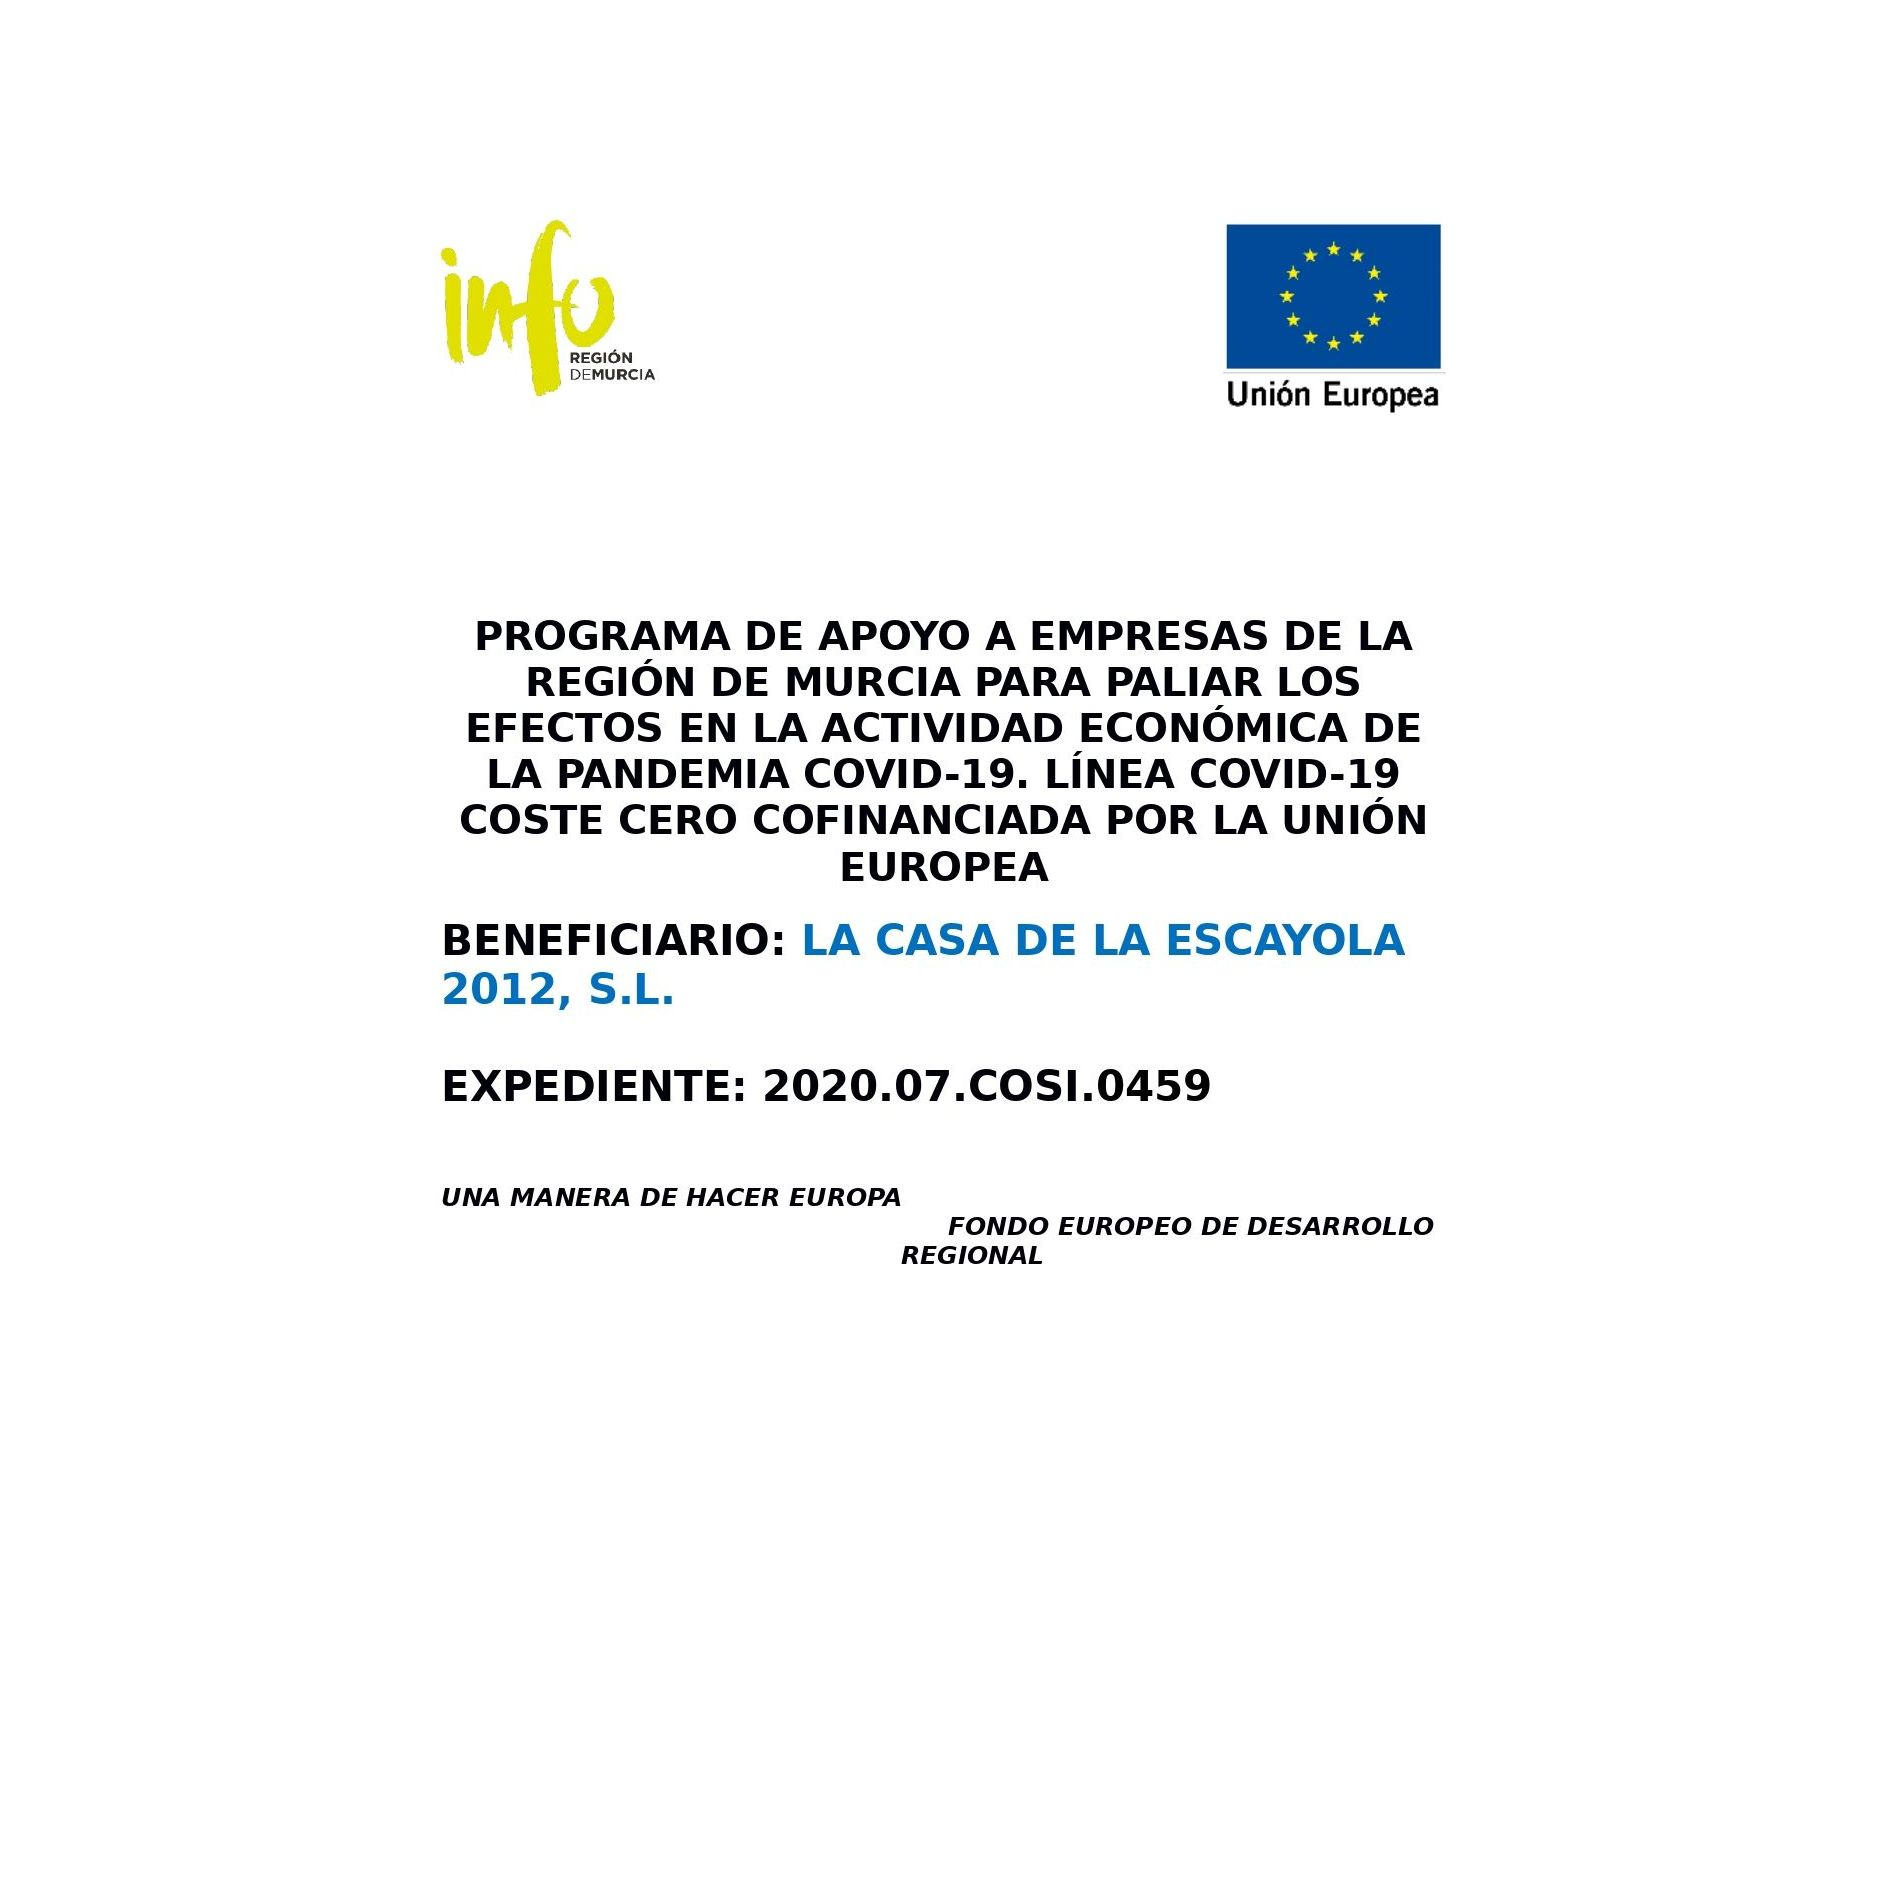 Programa de apoyo a empresas: Productos de La Casa de la Escayola